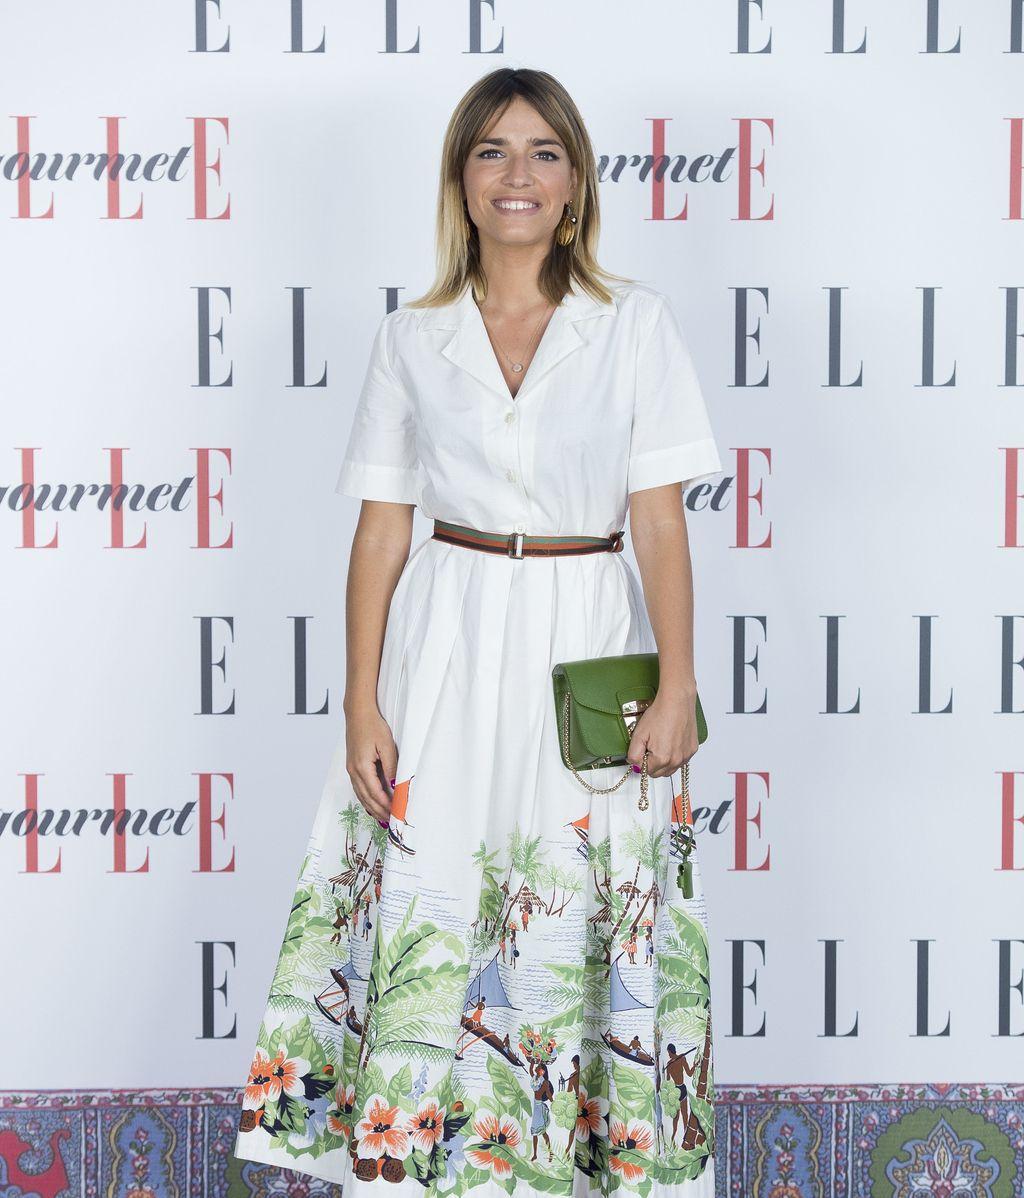 Las amiguísimas, Sara Carbonero e Isabel Jiménez, y Eva González en los premios Elle Gourmet